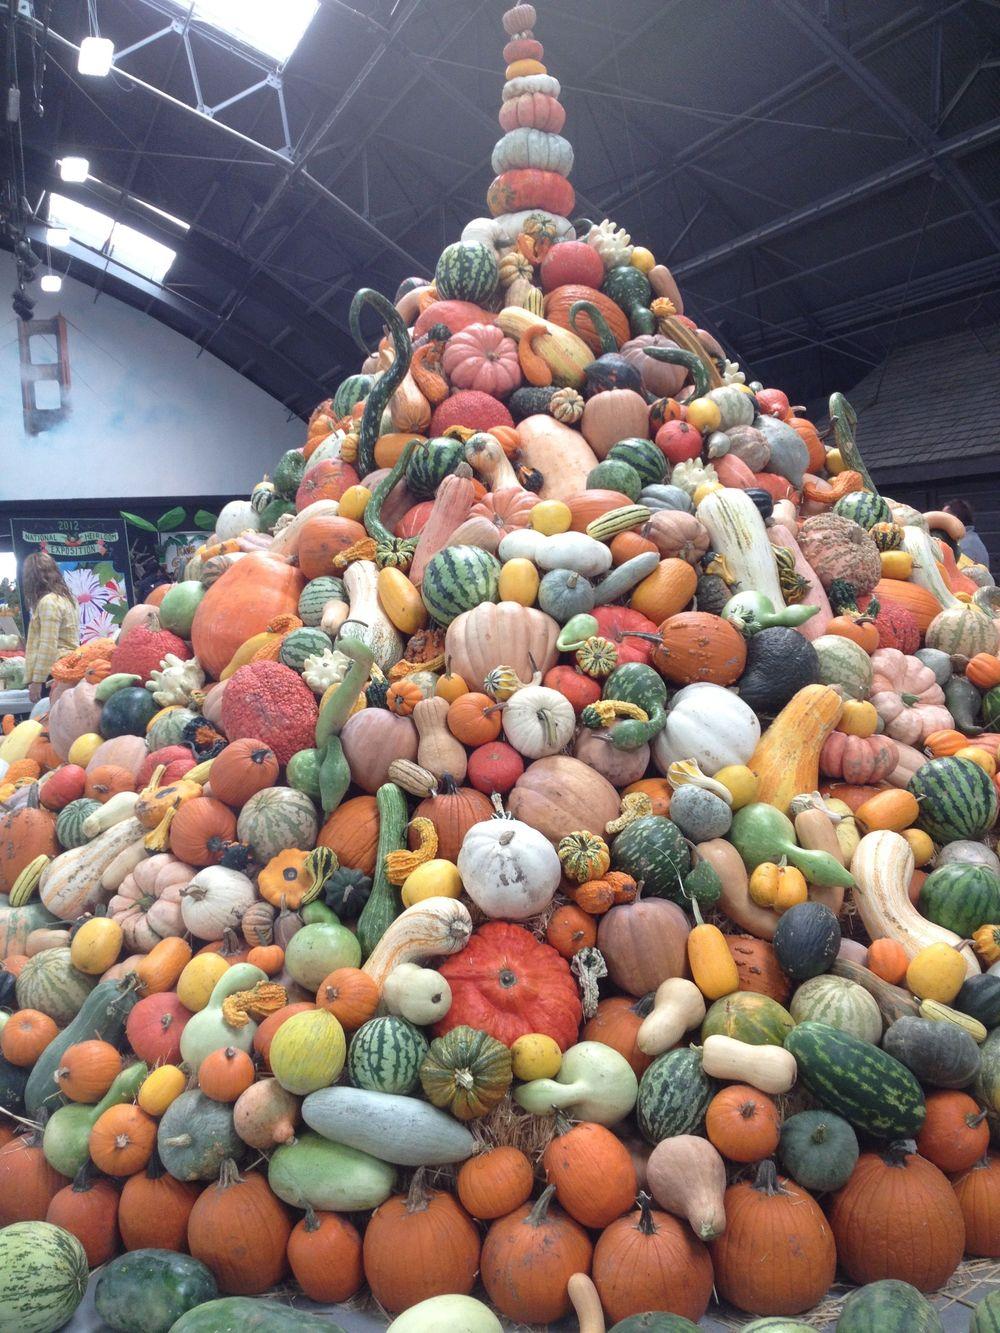 Baker Creek pumpkin, gourd and melon display.